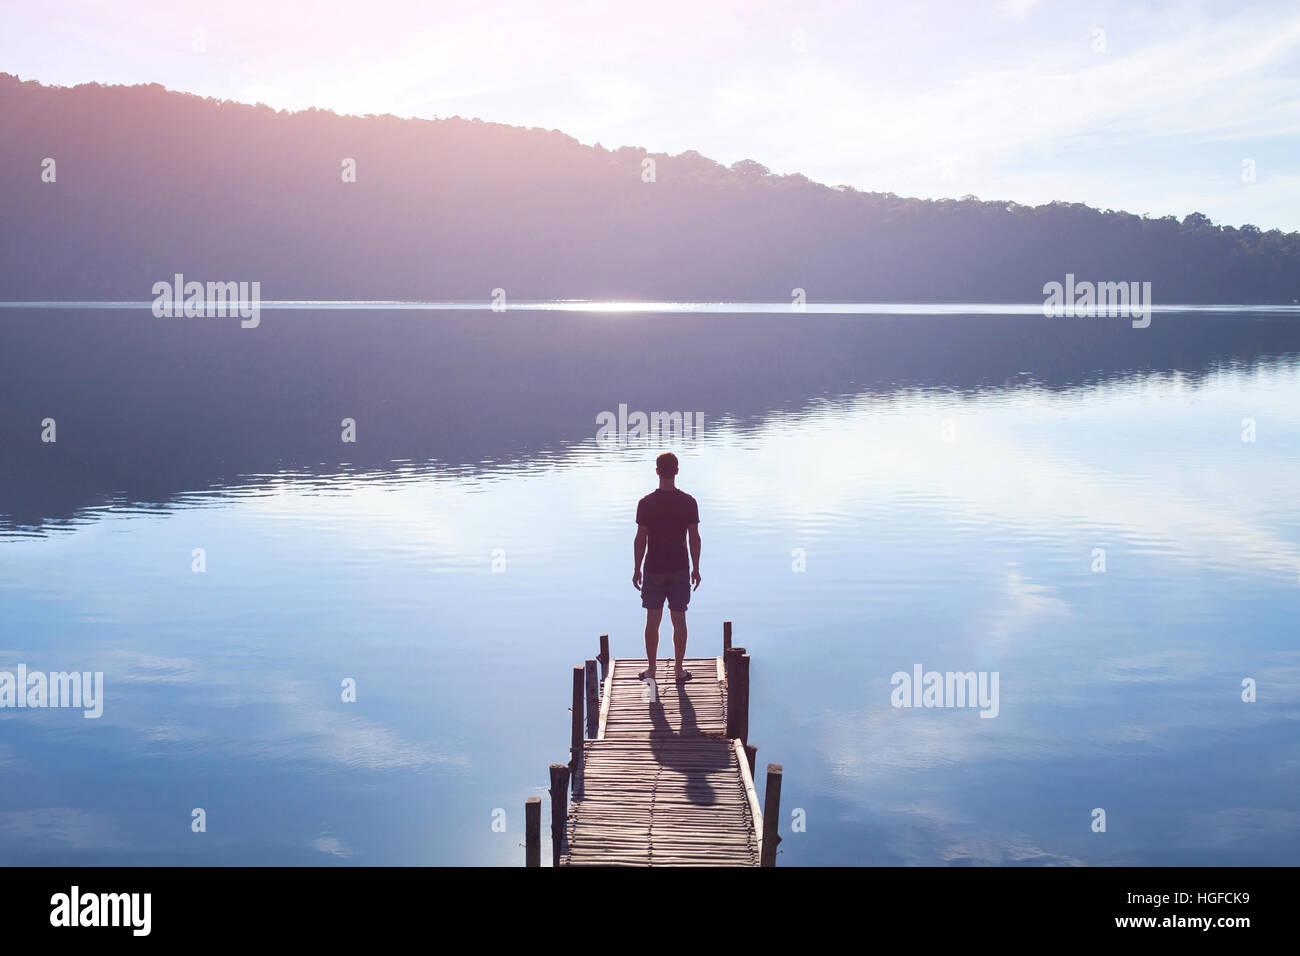 Sognatore, silhouette di un uomo in piedi sul lago molo in legno al tramonto, la forza umana, concetto di psicologia Immagini Stock